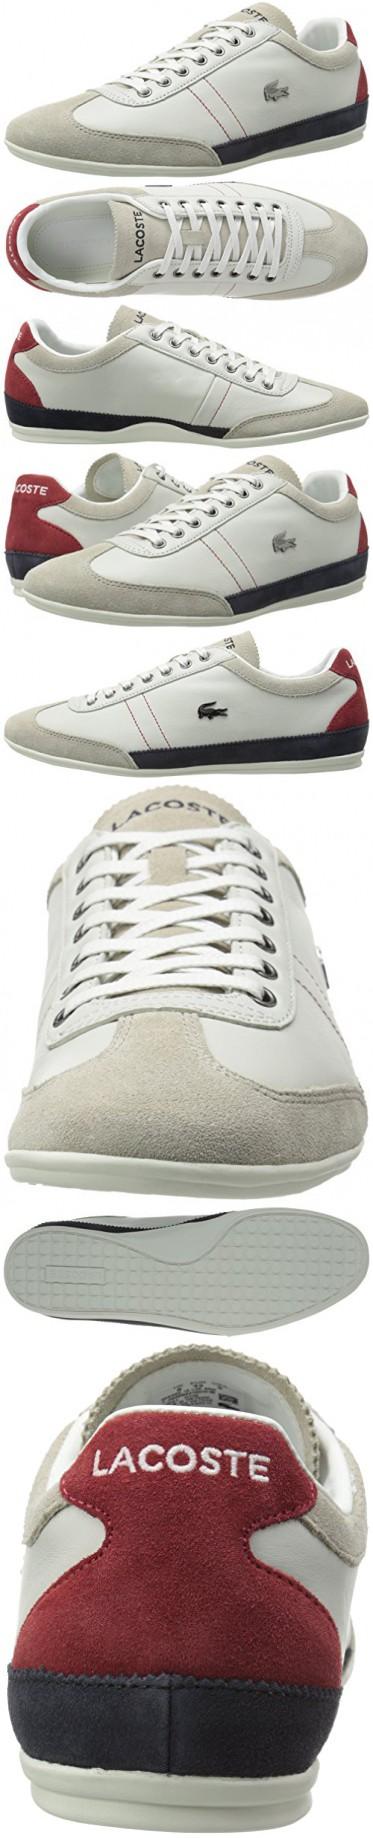 d790f075c Lacoste Men s Misano 15 Lcr Casual Shoe Fashion Sneaker